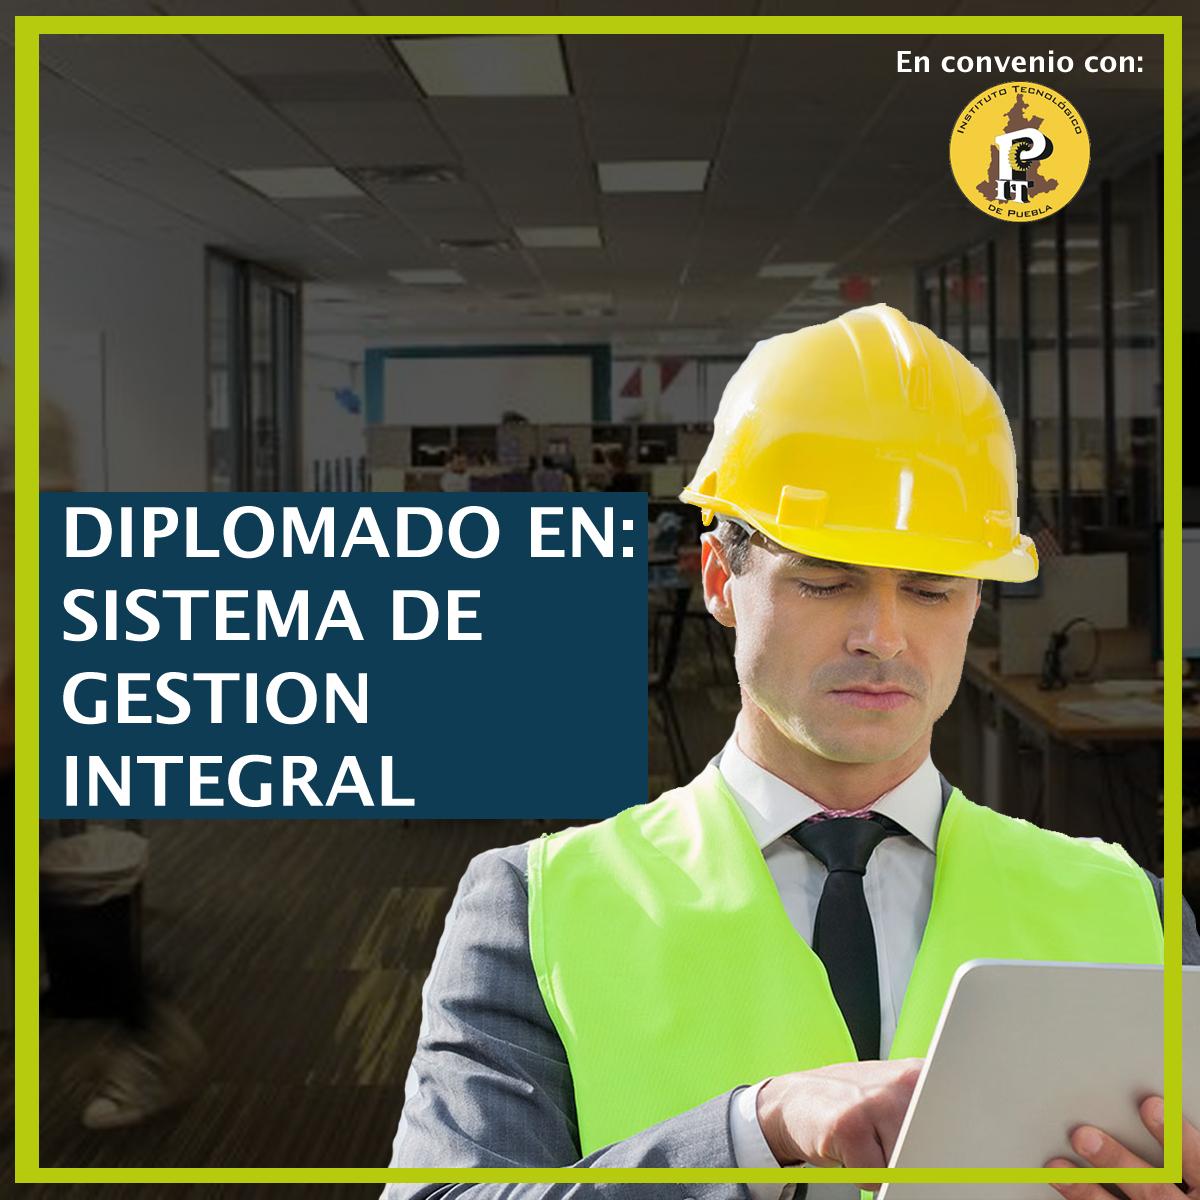 DIPLOMADO EN SISTEMA DE GESTIÓN DE CALIDAD ISO 9001: 2015 ITP B19